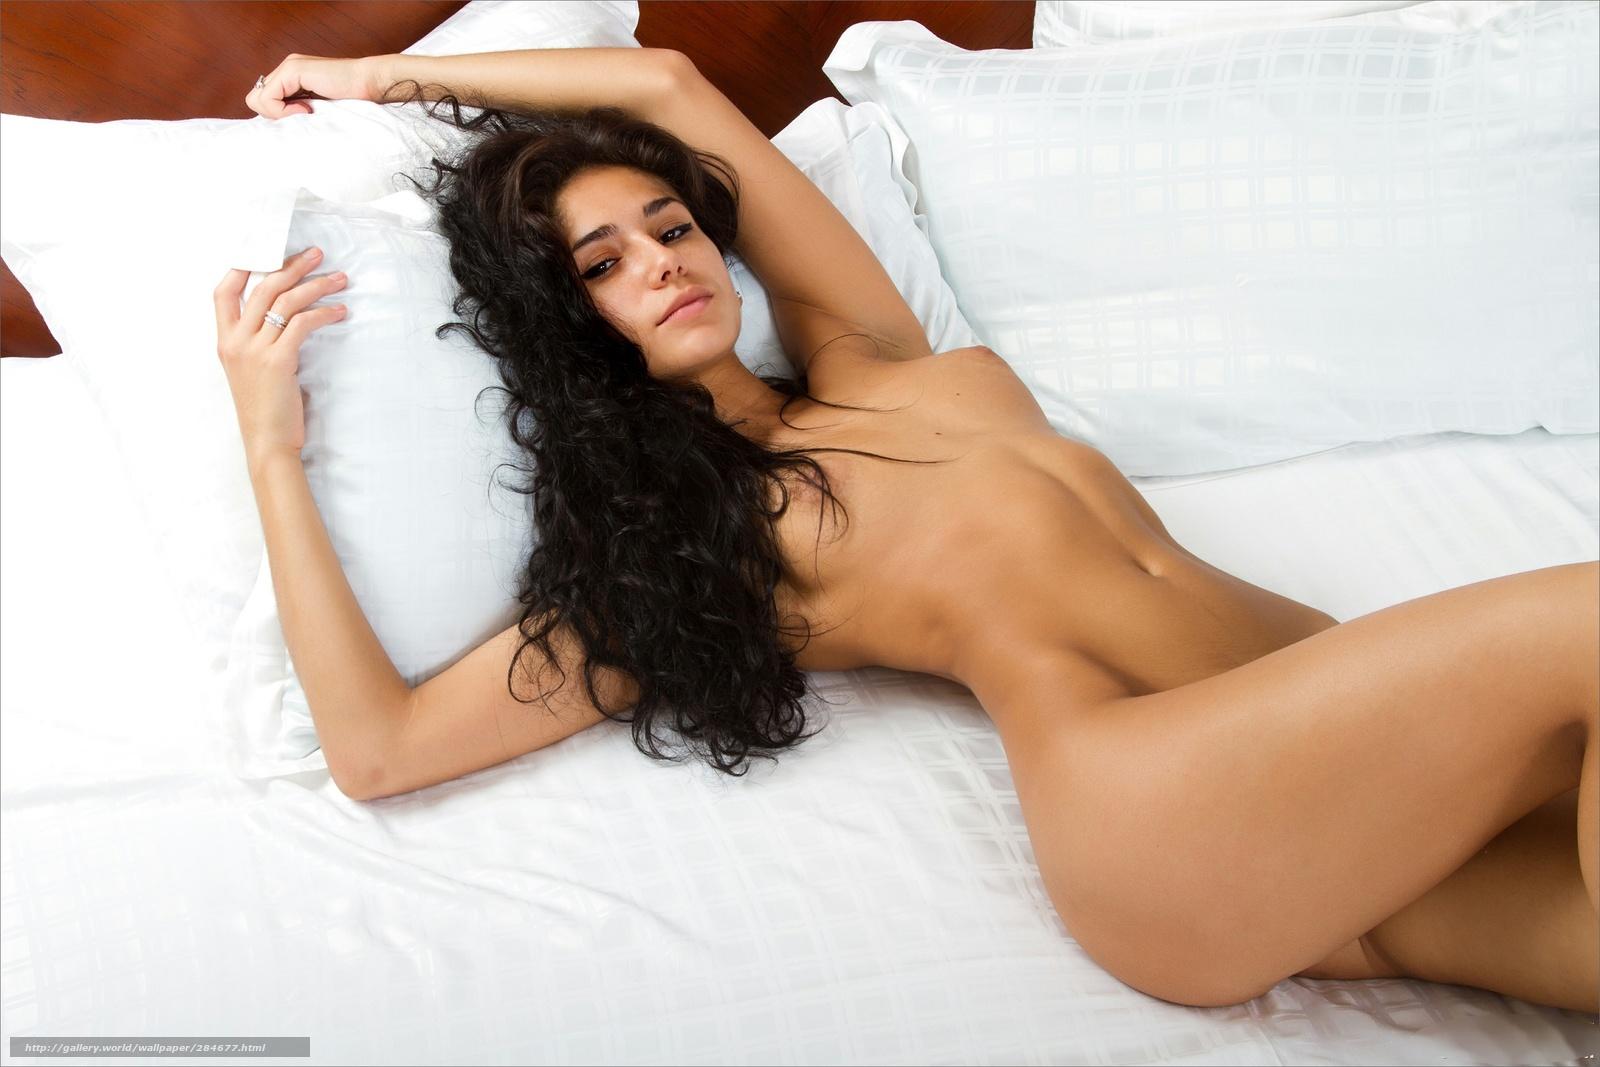 Что будет если заняться сексом с цыганкой 21 фотография